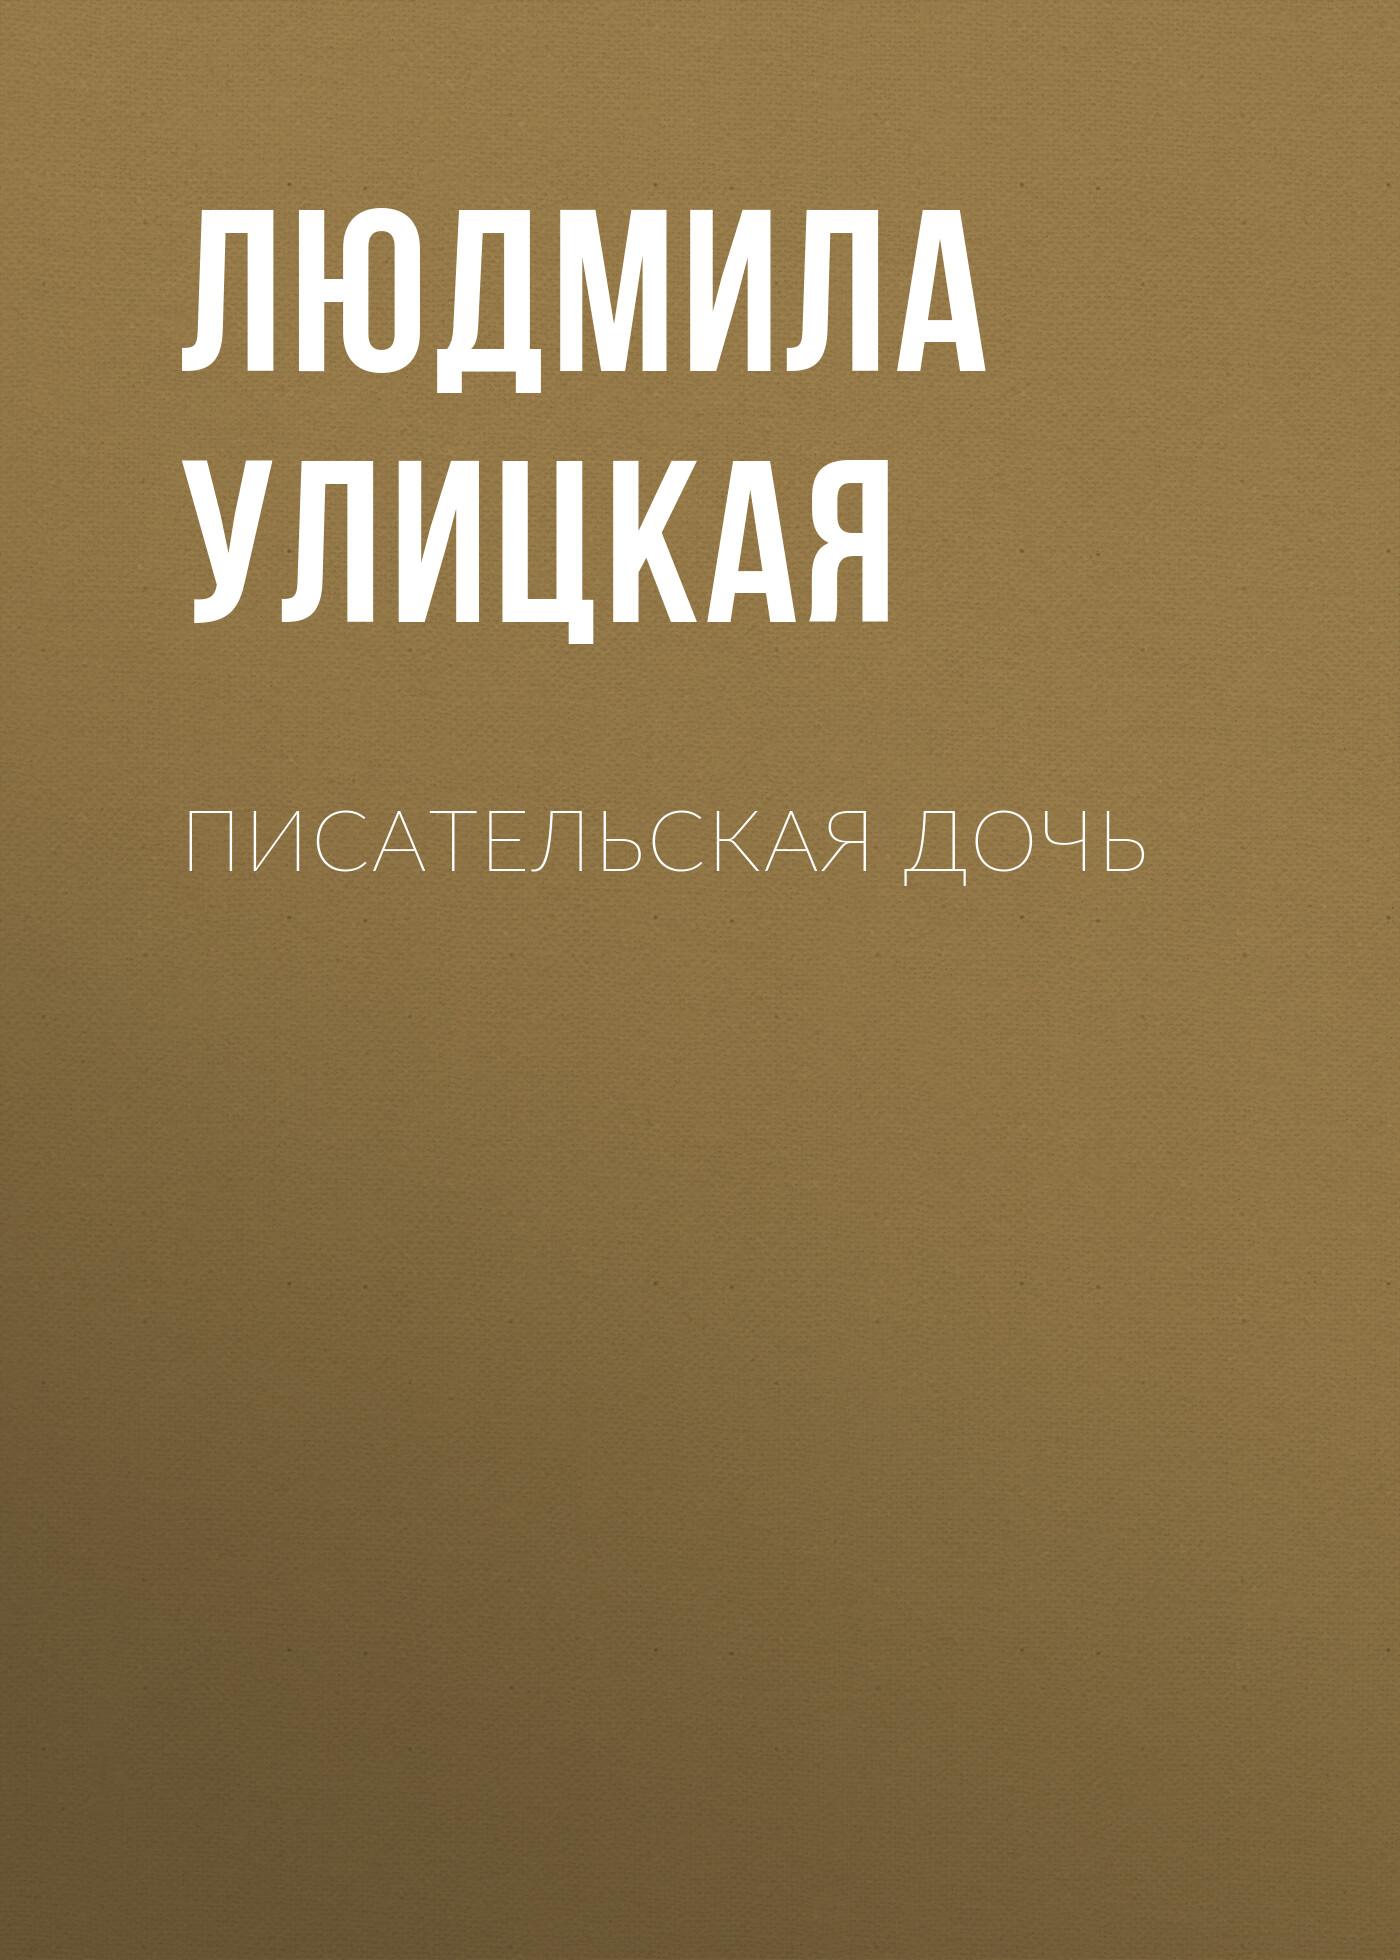 Людмила Улицкая Писательская дочь людмила улицкая далматинец